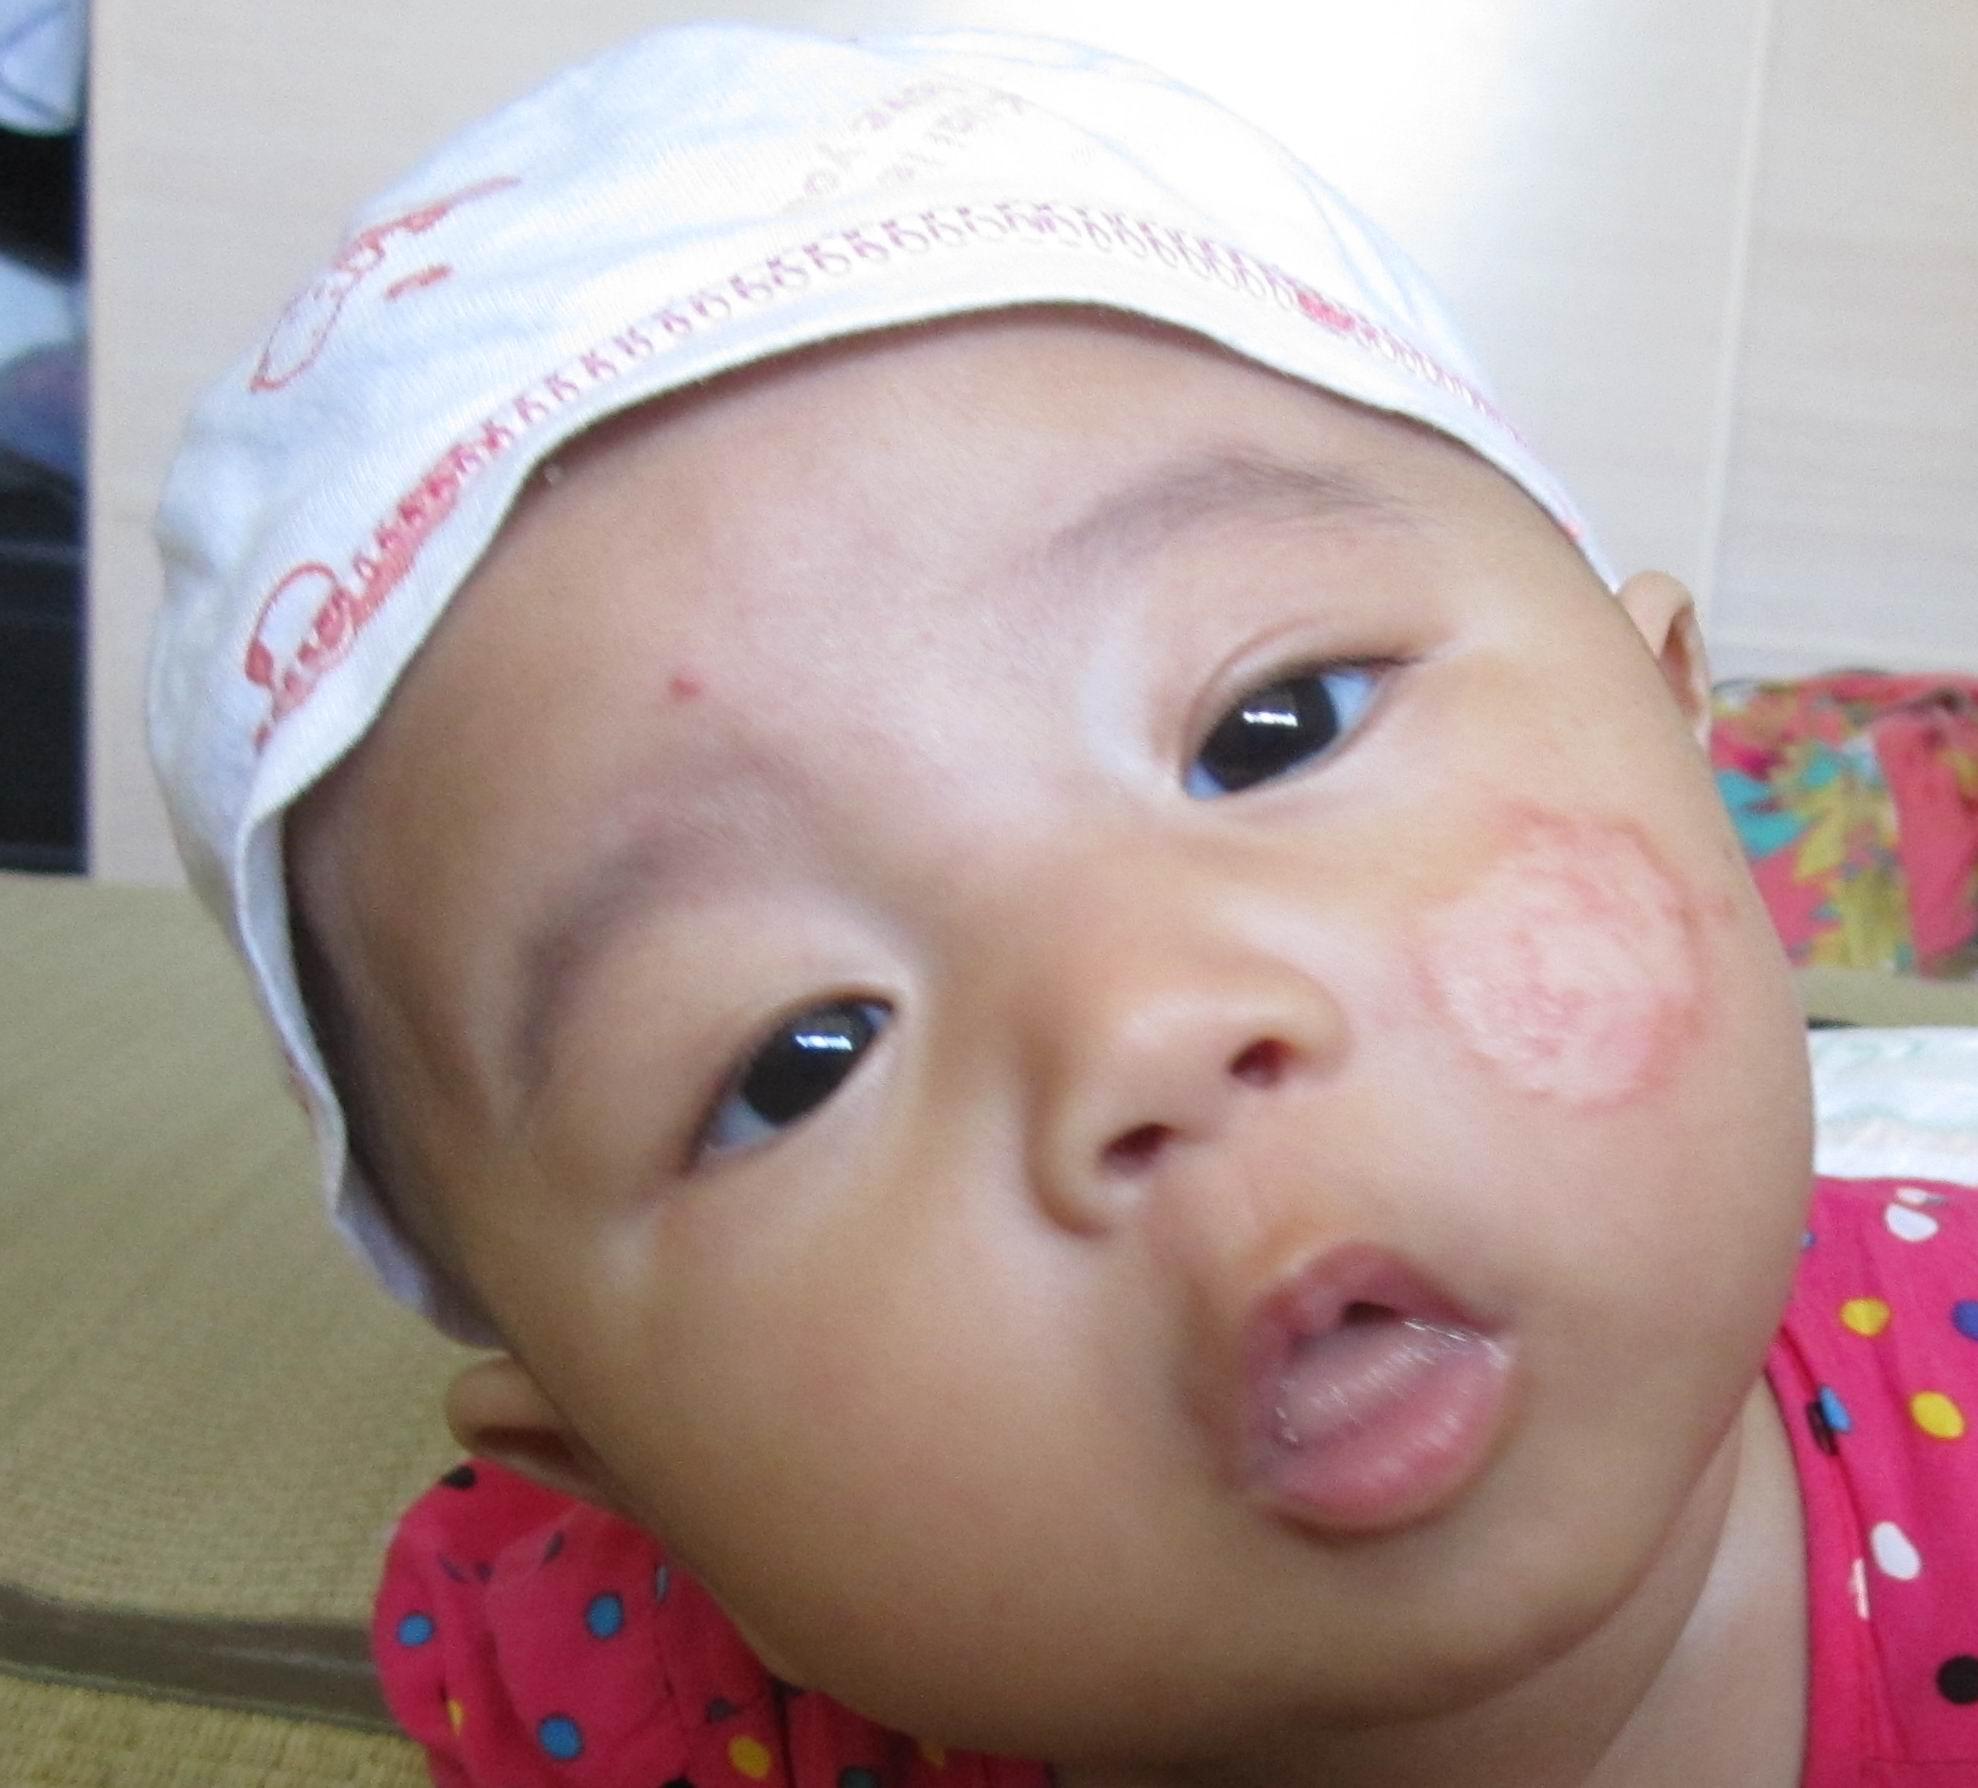 急 三个月婴儿脸上长 铜钱癣 深圳房地产信息高清图片